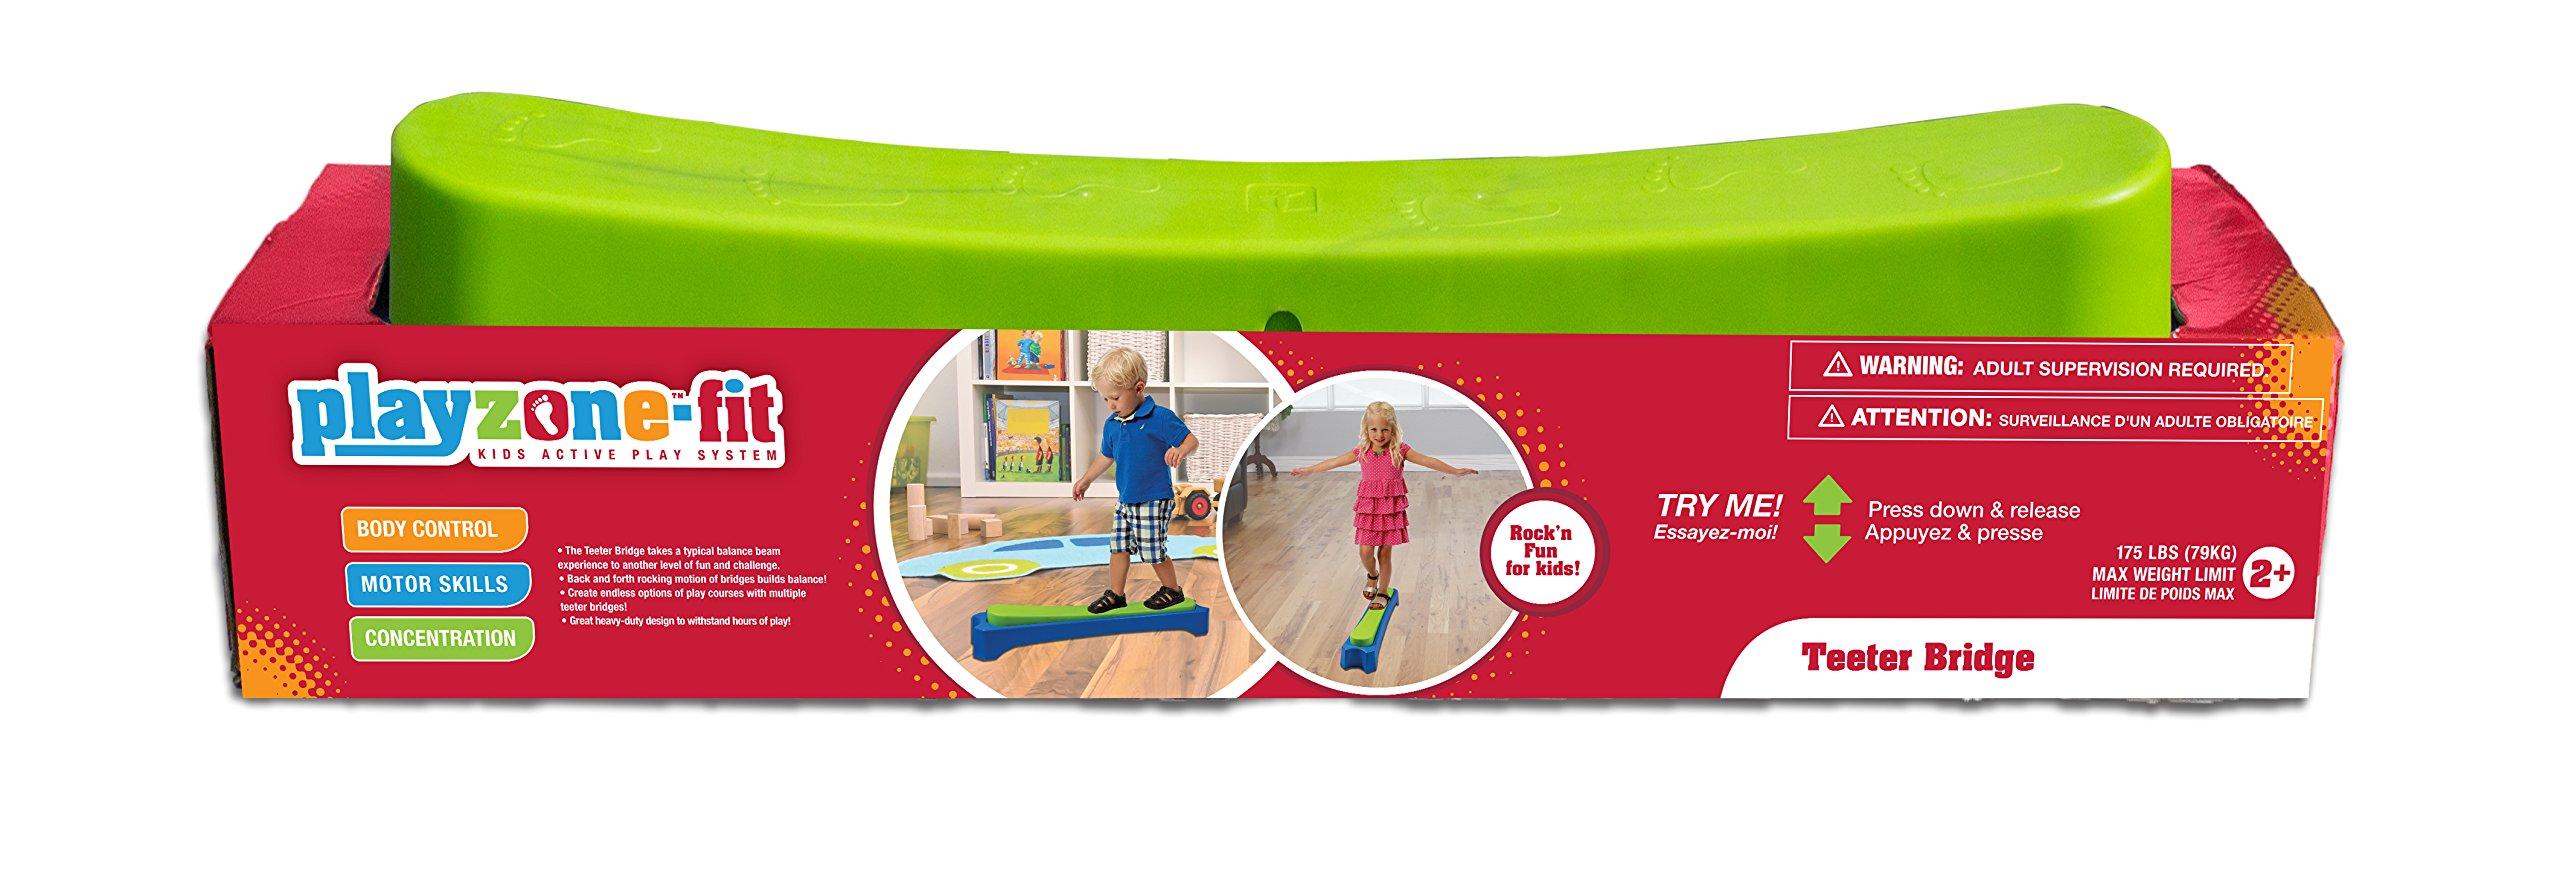 Playzone-fit Teeter Bridge